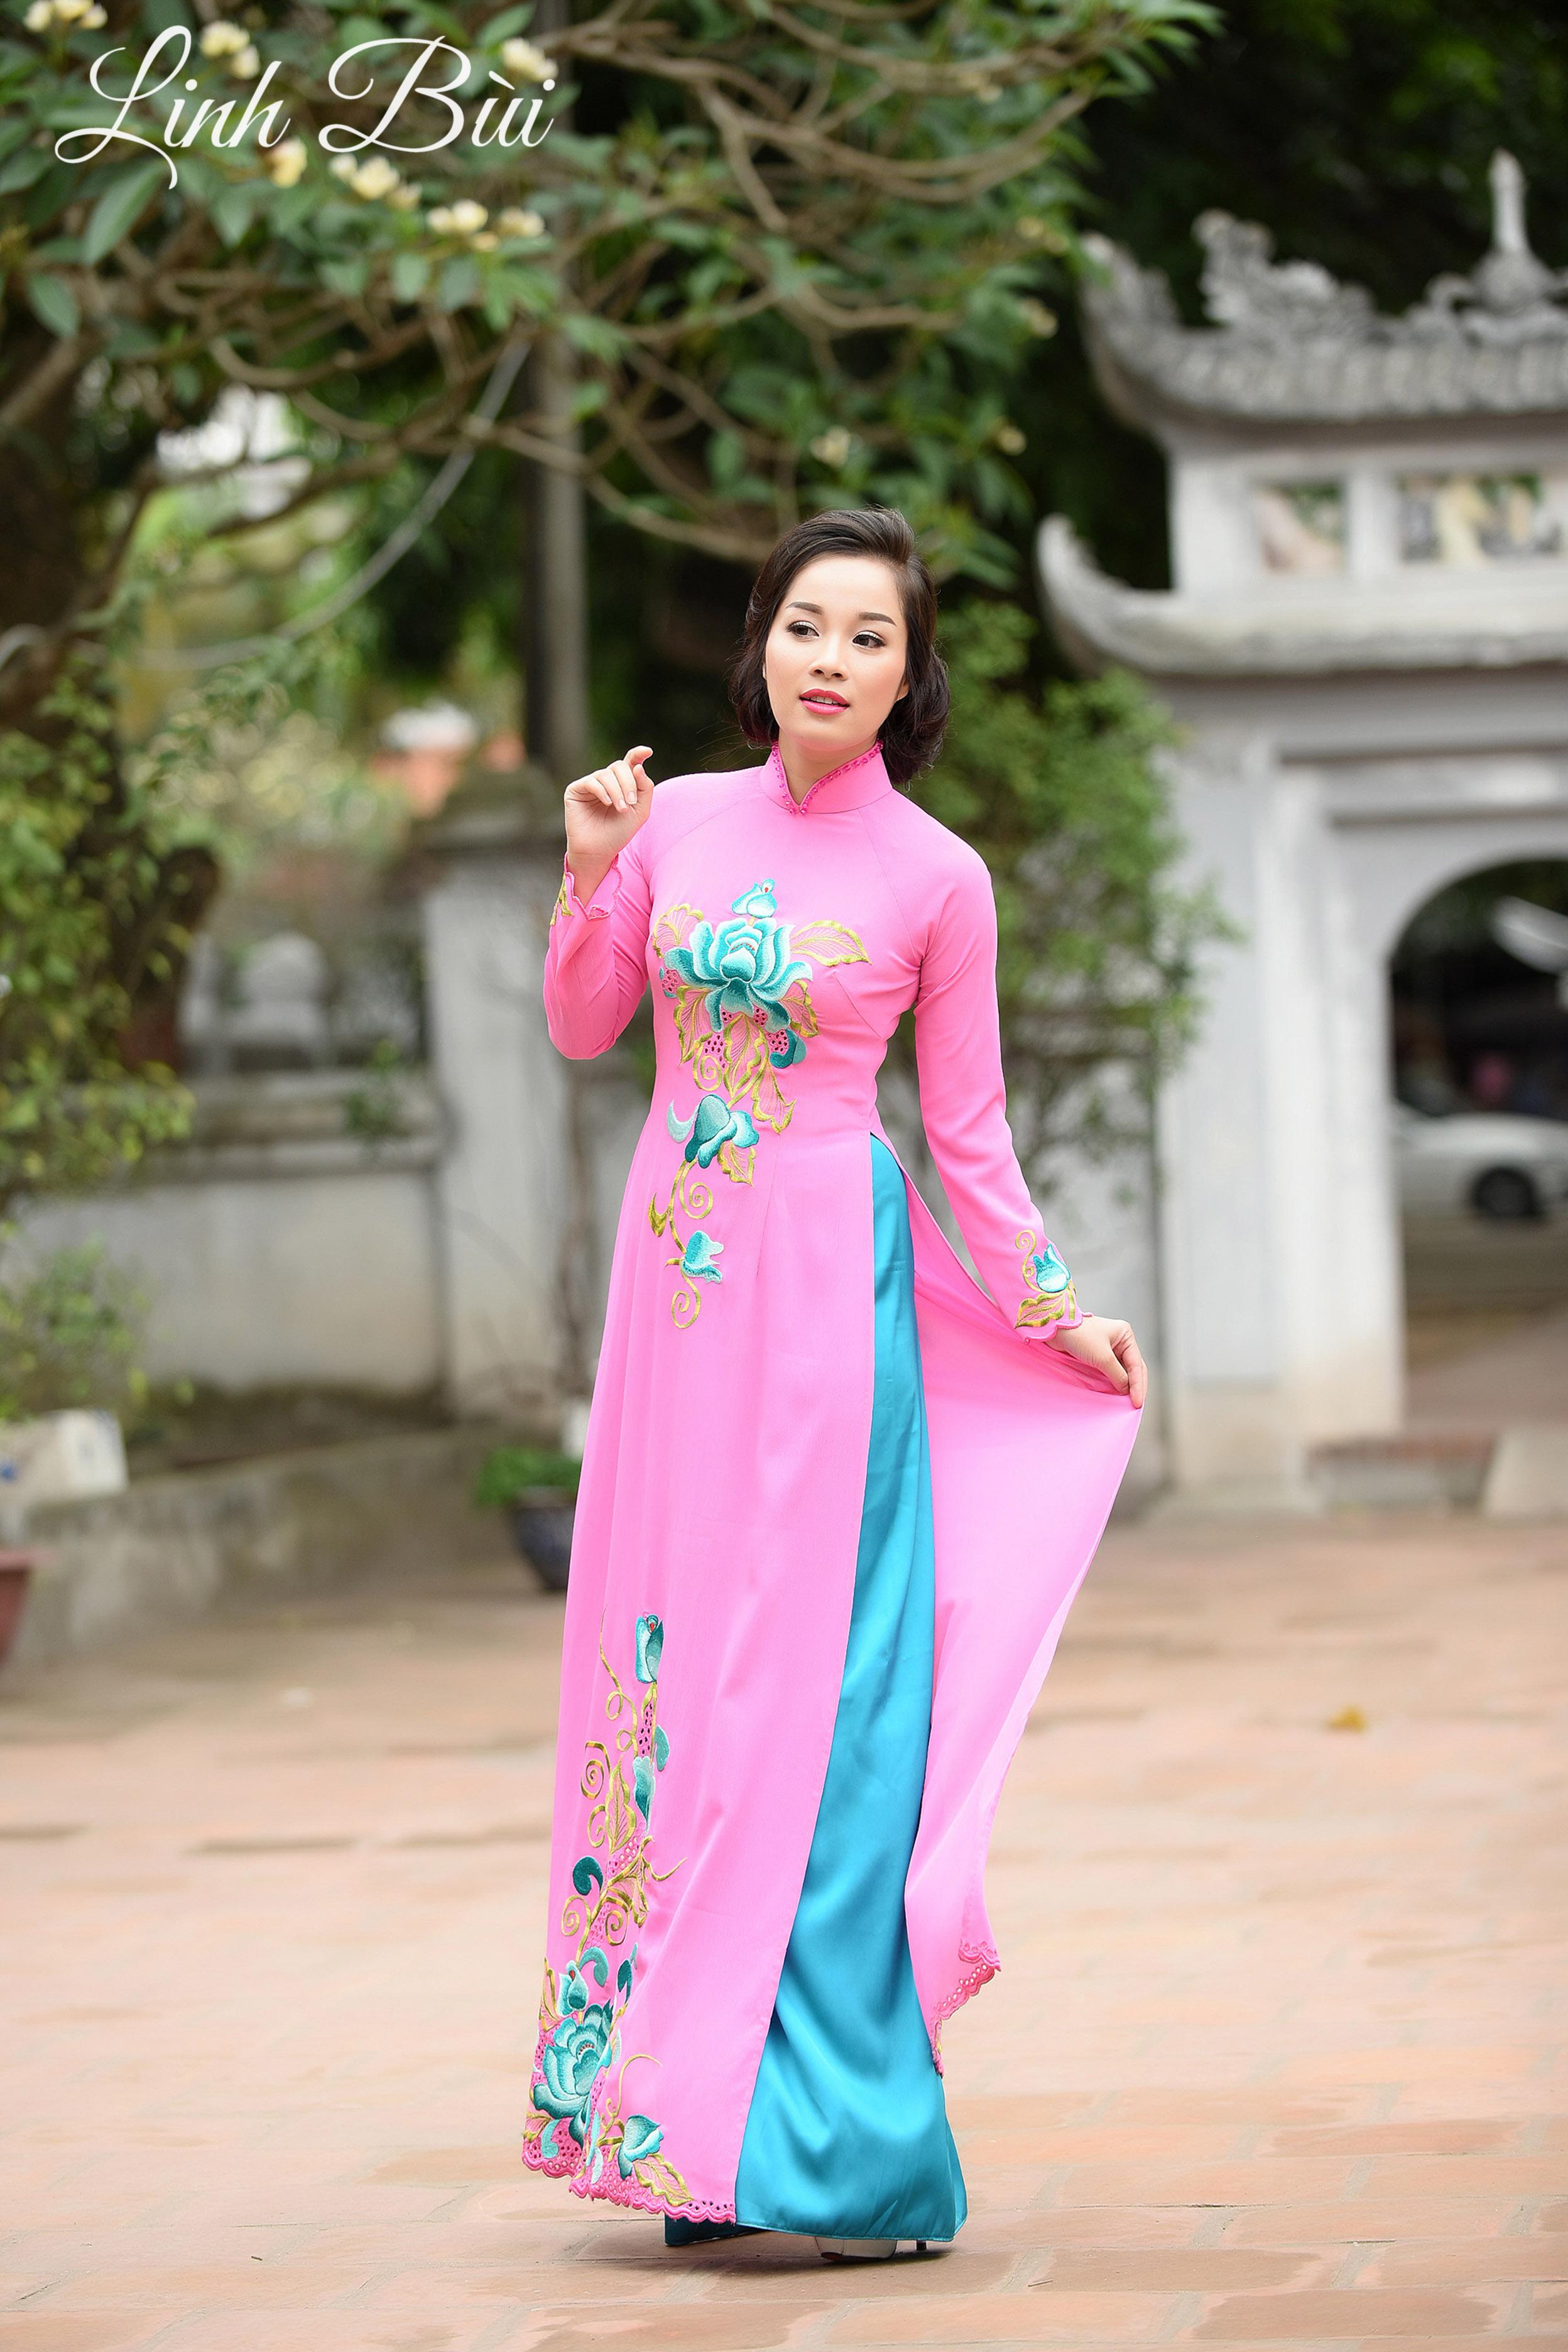 Minh Hương 'Nhật ký Vàng Anh' đằm thắm với áo dài truyền thống.